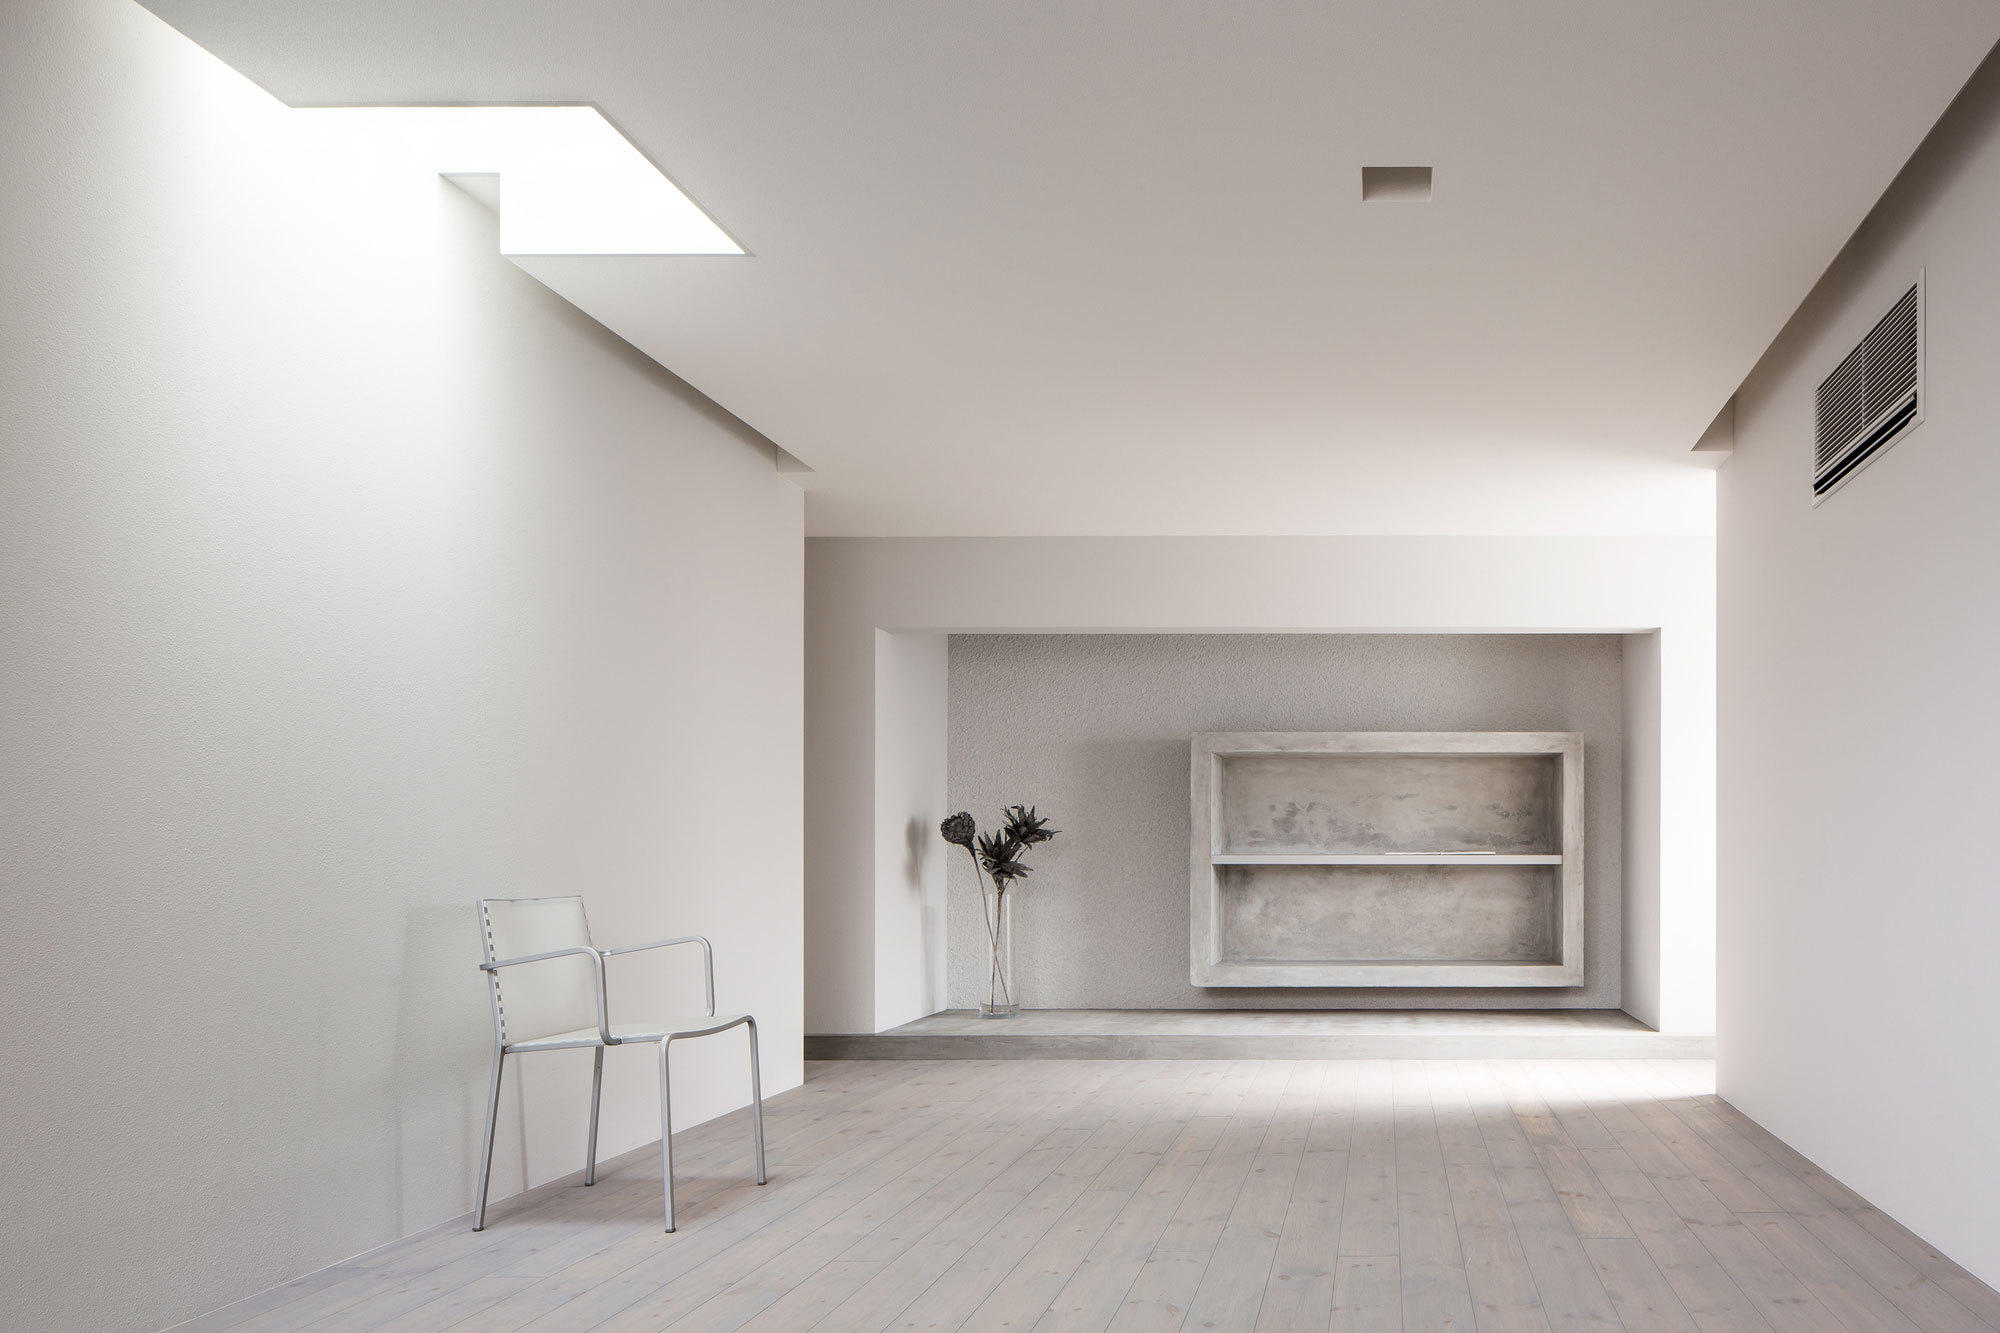 温馨酷劲并存_极简主题风格室内装修